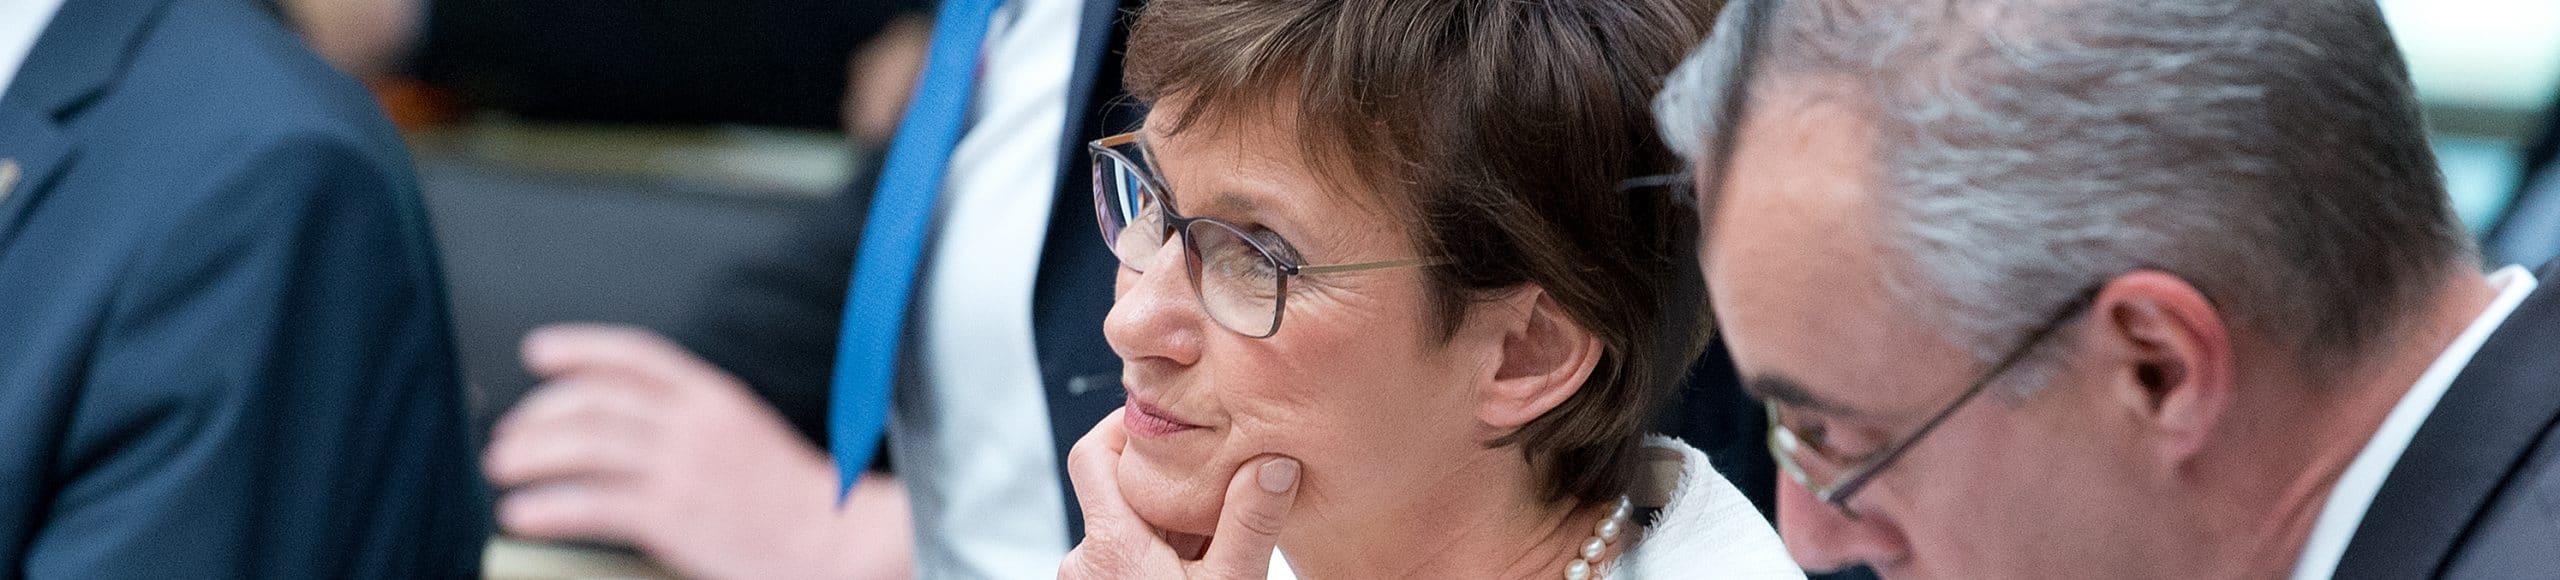 Recht und Verfassung Sabine  Kurtz Landtagsvizepräsidentin Wahl